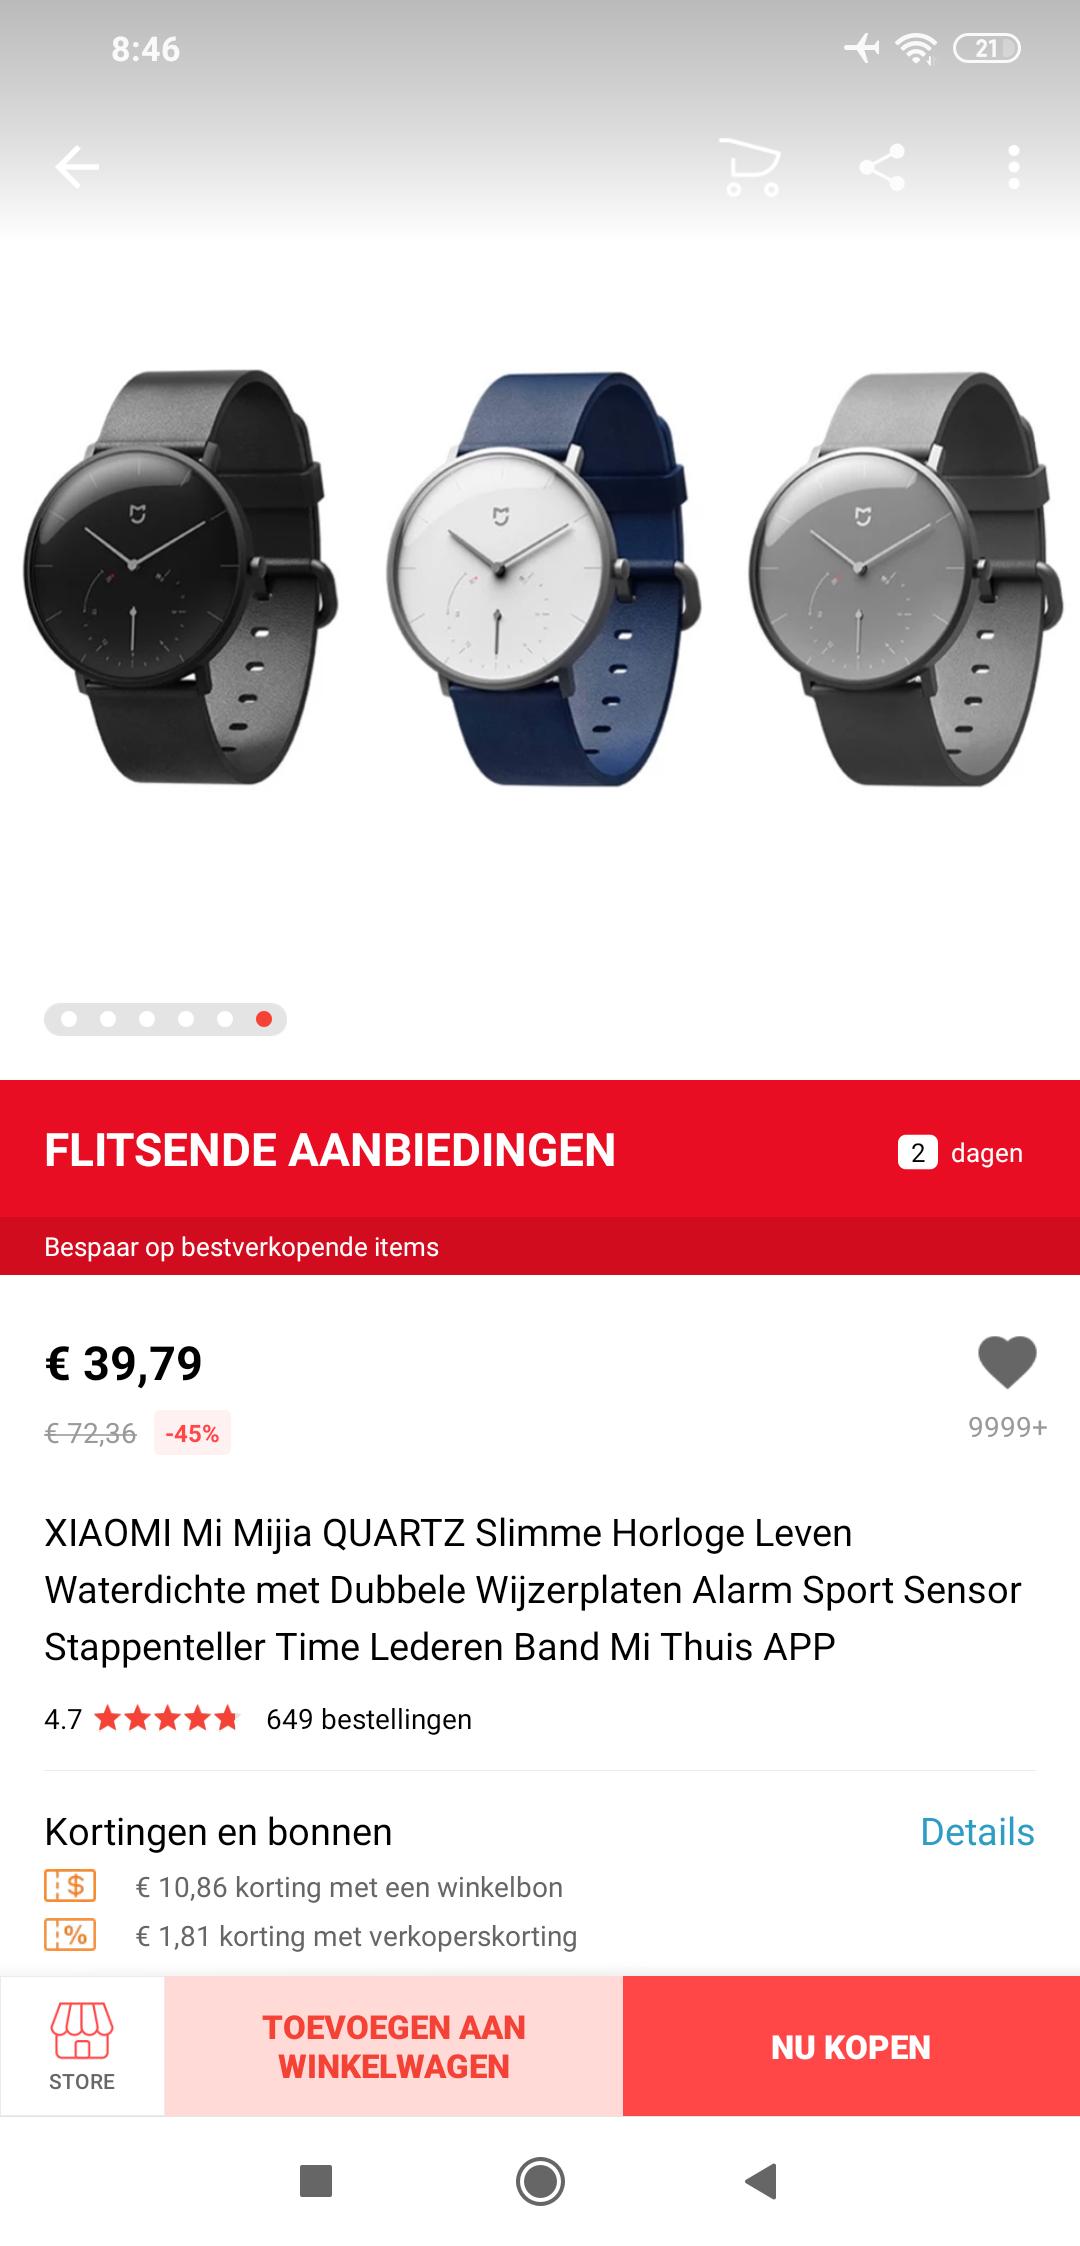 Xiaomi Mi Mijia quartz smartwatch